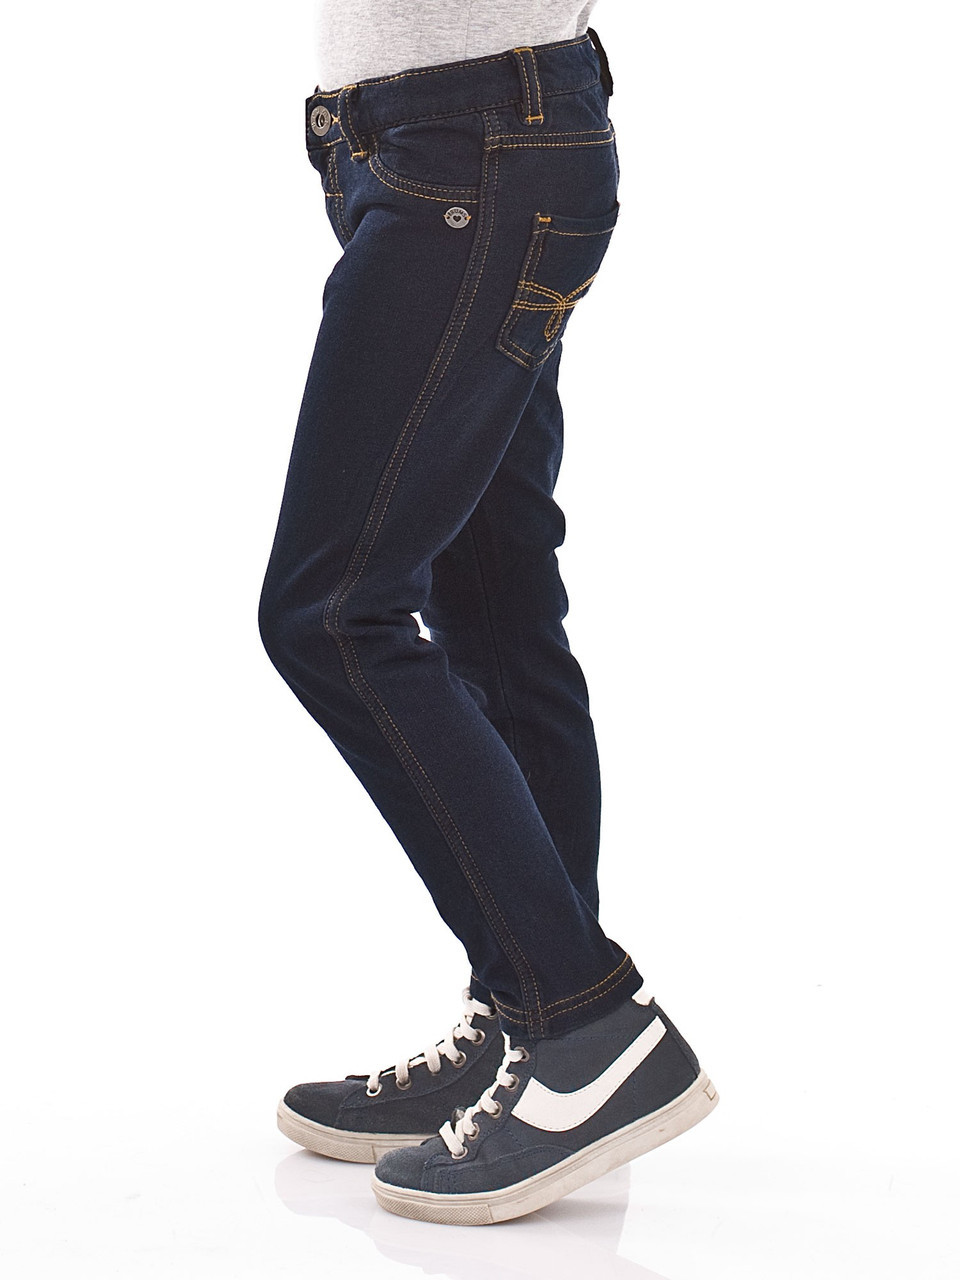 Детские брюки для девочки BRUMS Италия 143BGBM006 черные